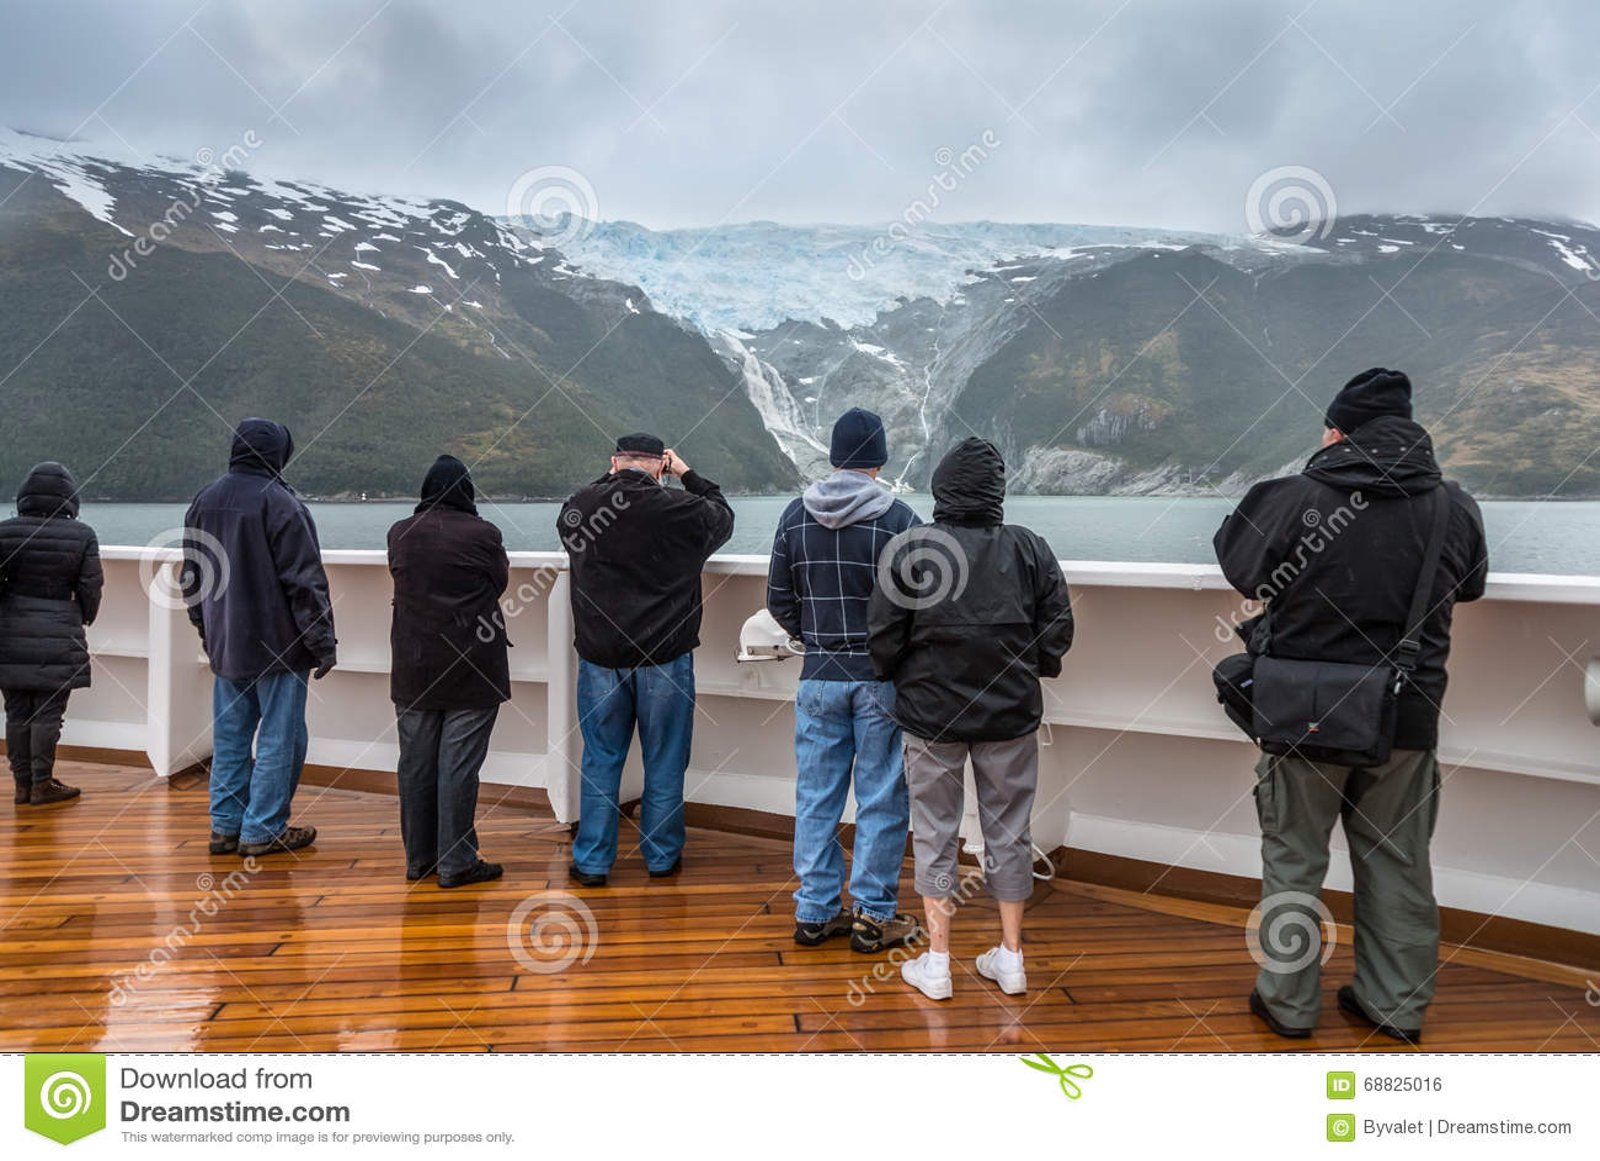 Allée de glacier, la Manche de briquet, Chili